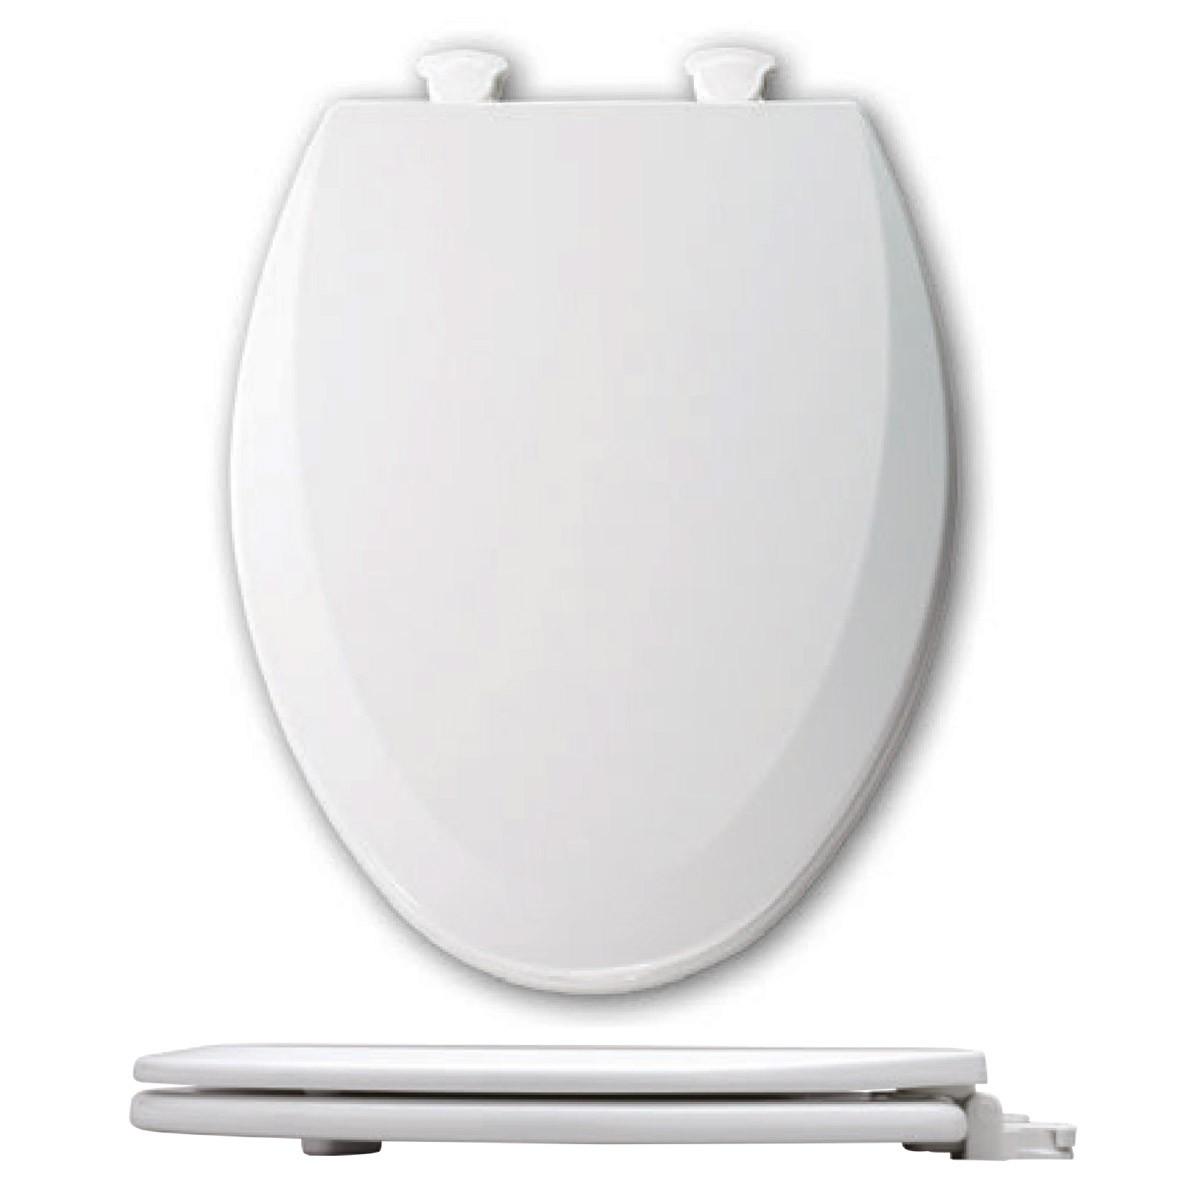 Καπάκι Τουαλέτας Bemis 03513.001 / 1500 EC home   μπάνιο   καπάκια λεκάνης